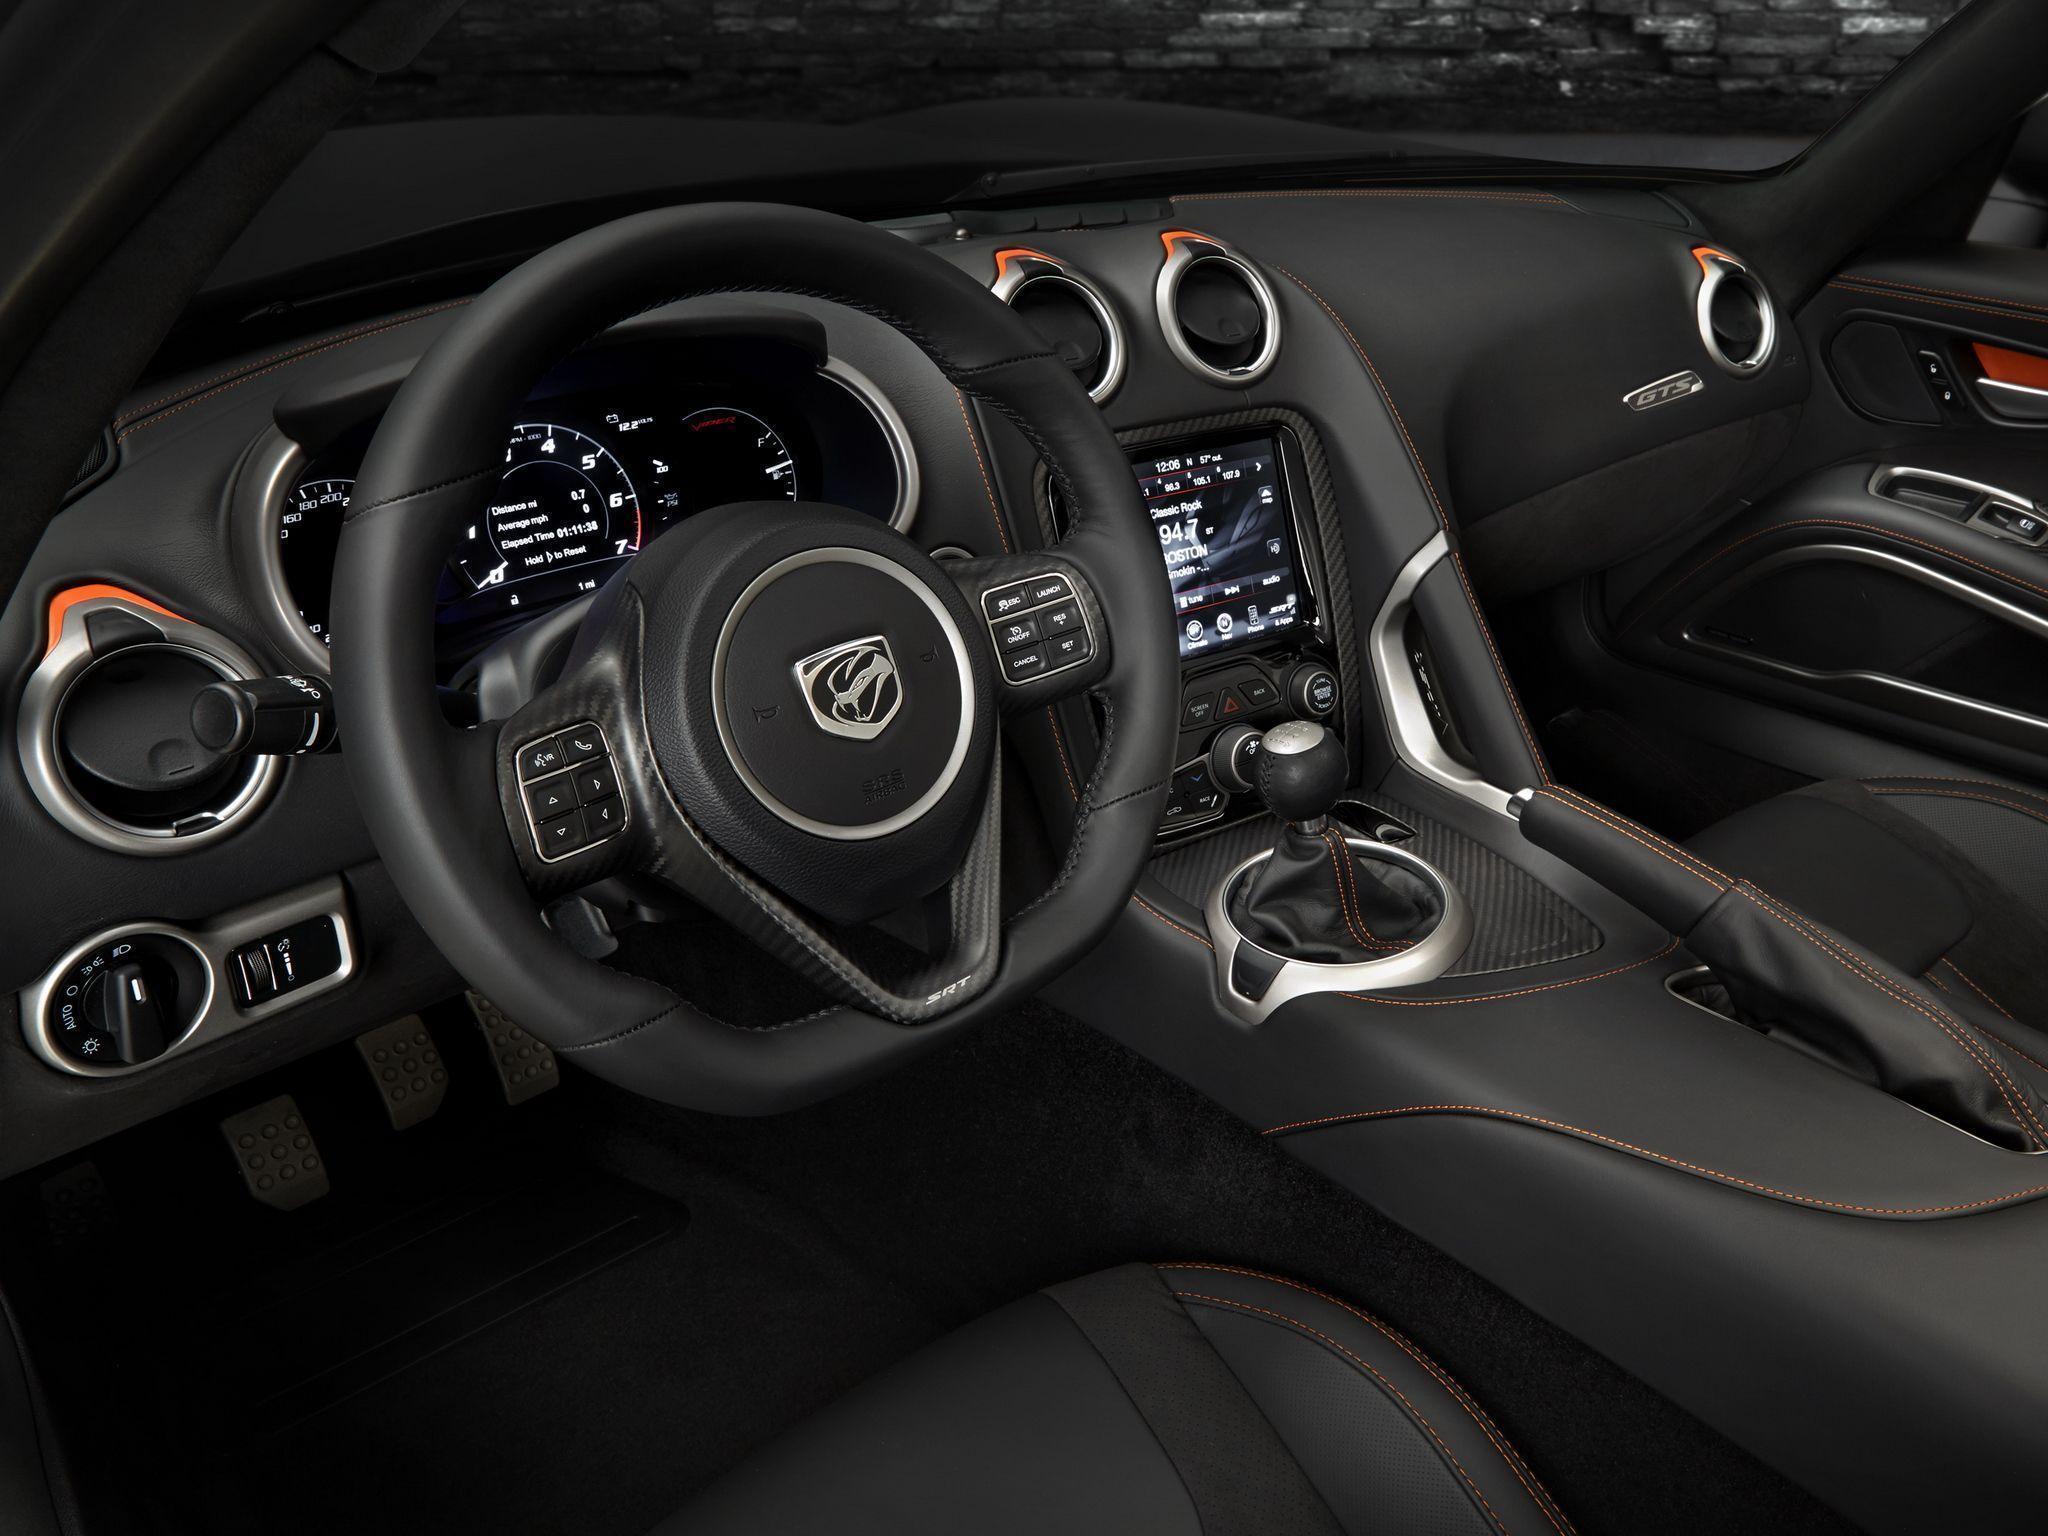 Dodge viper interior image 134